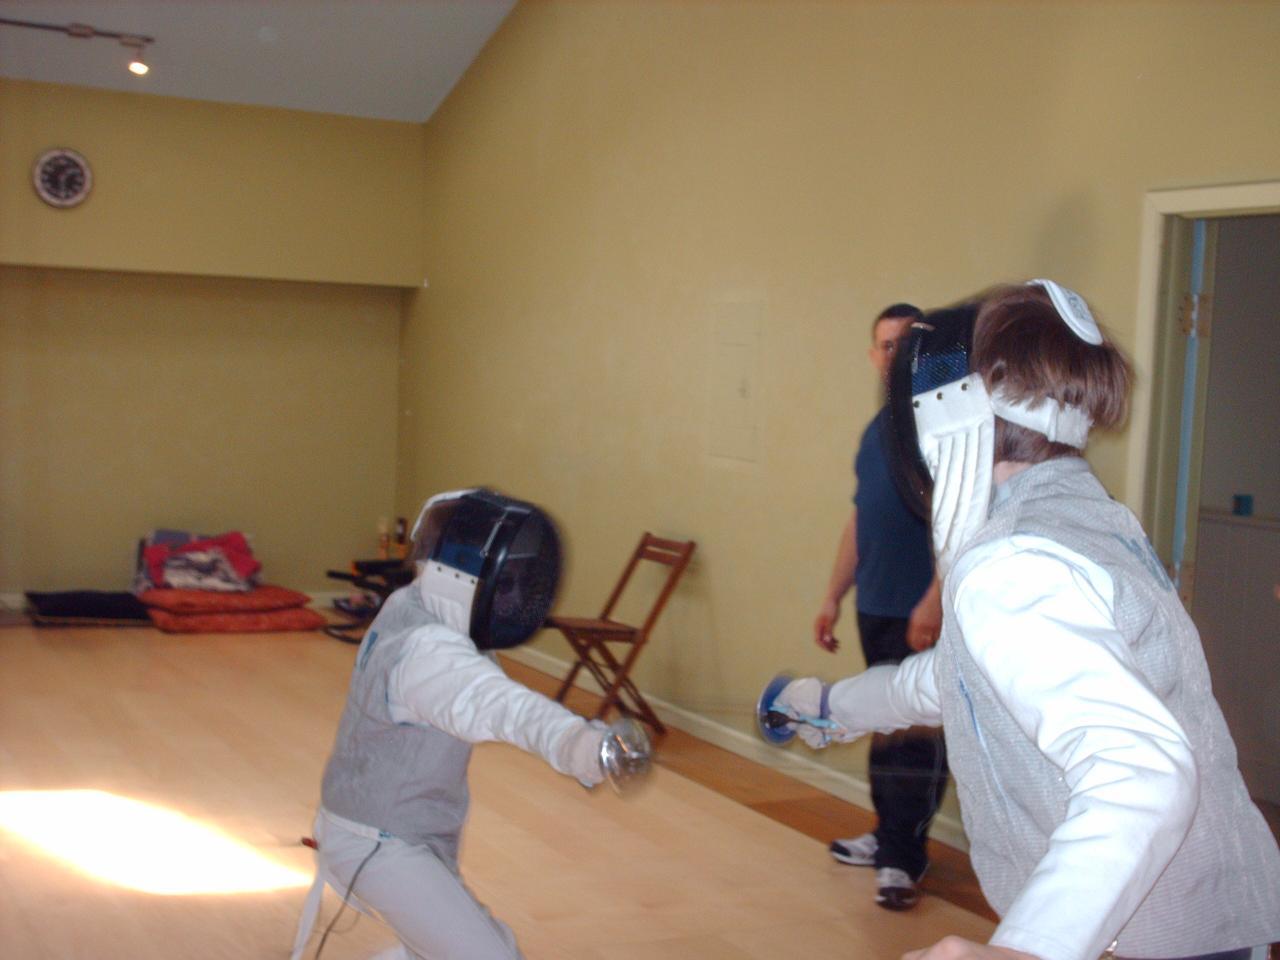 Peekskill Fencing Center Pics